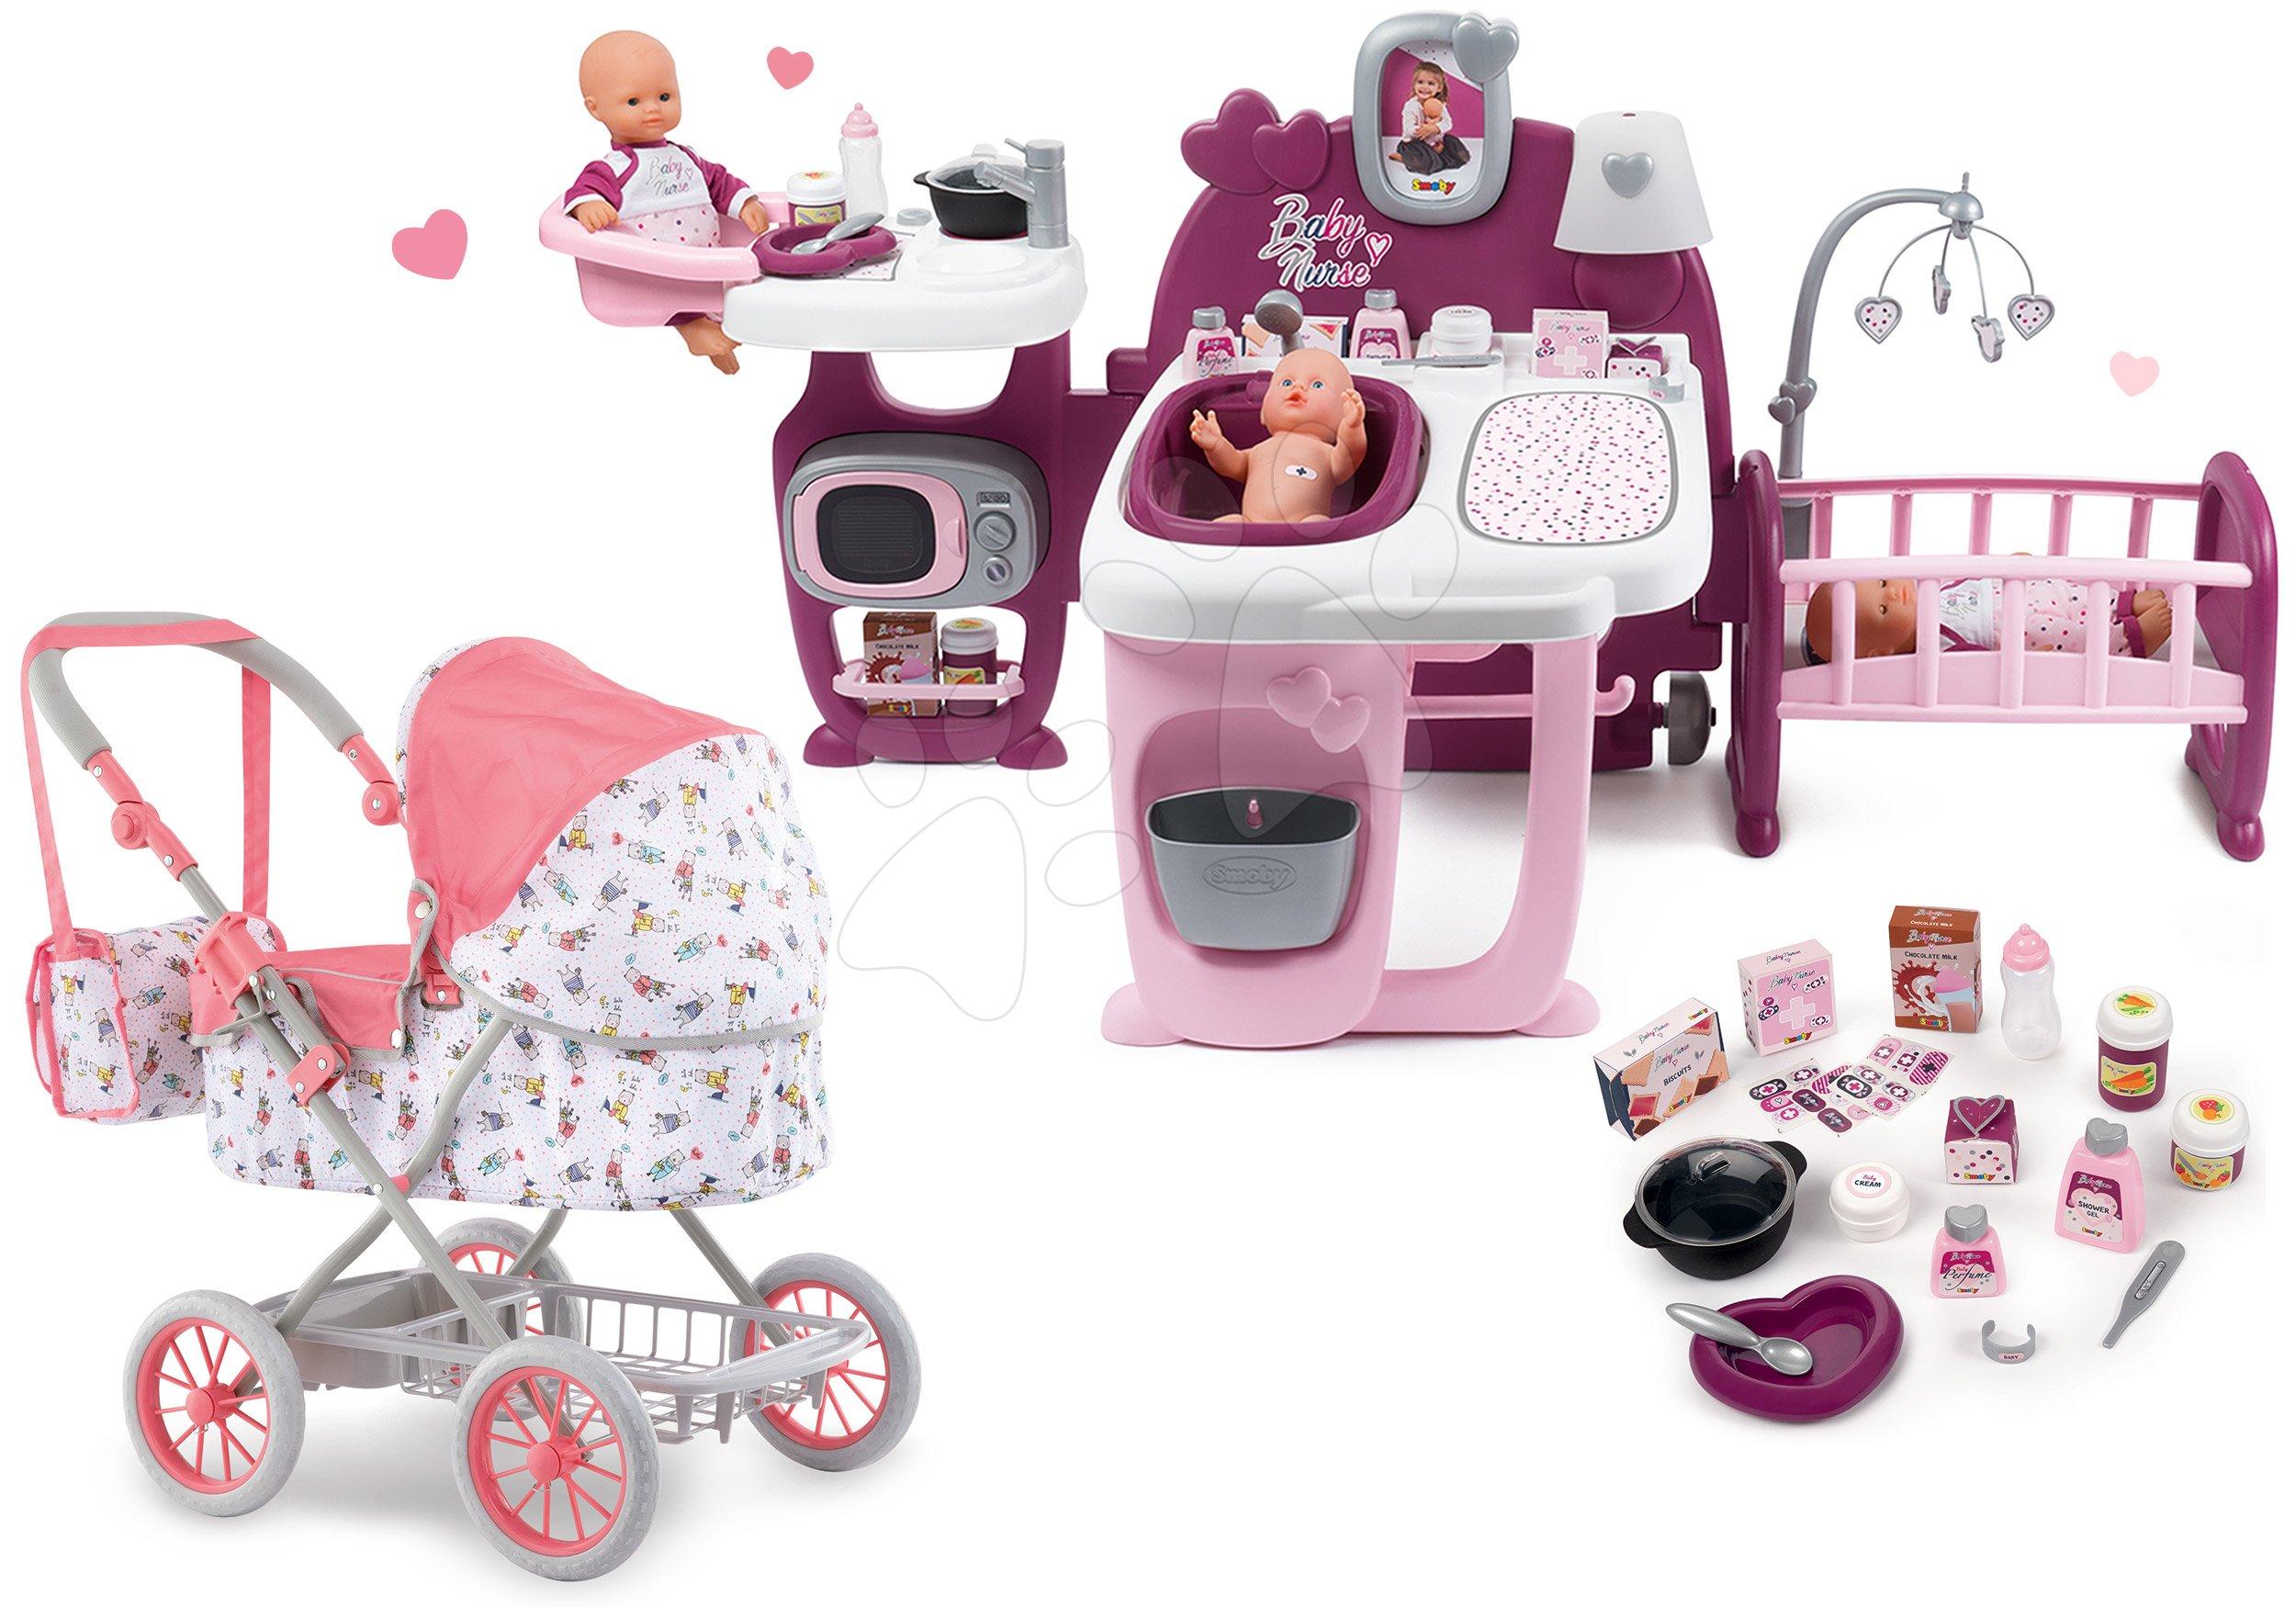 Set domček pre bábiku Violette Baby Nurse Large Doll's Play Center Smoby a hlboký kočík Mon Grand skladací pre 36-52 cm bábiku